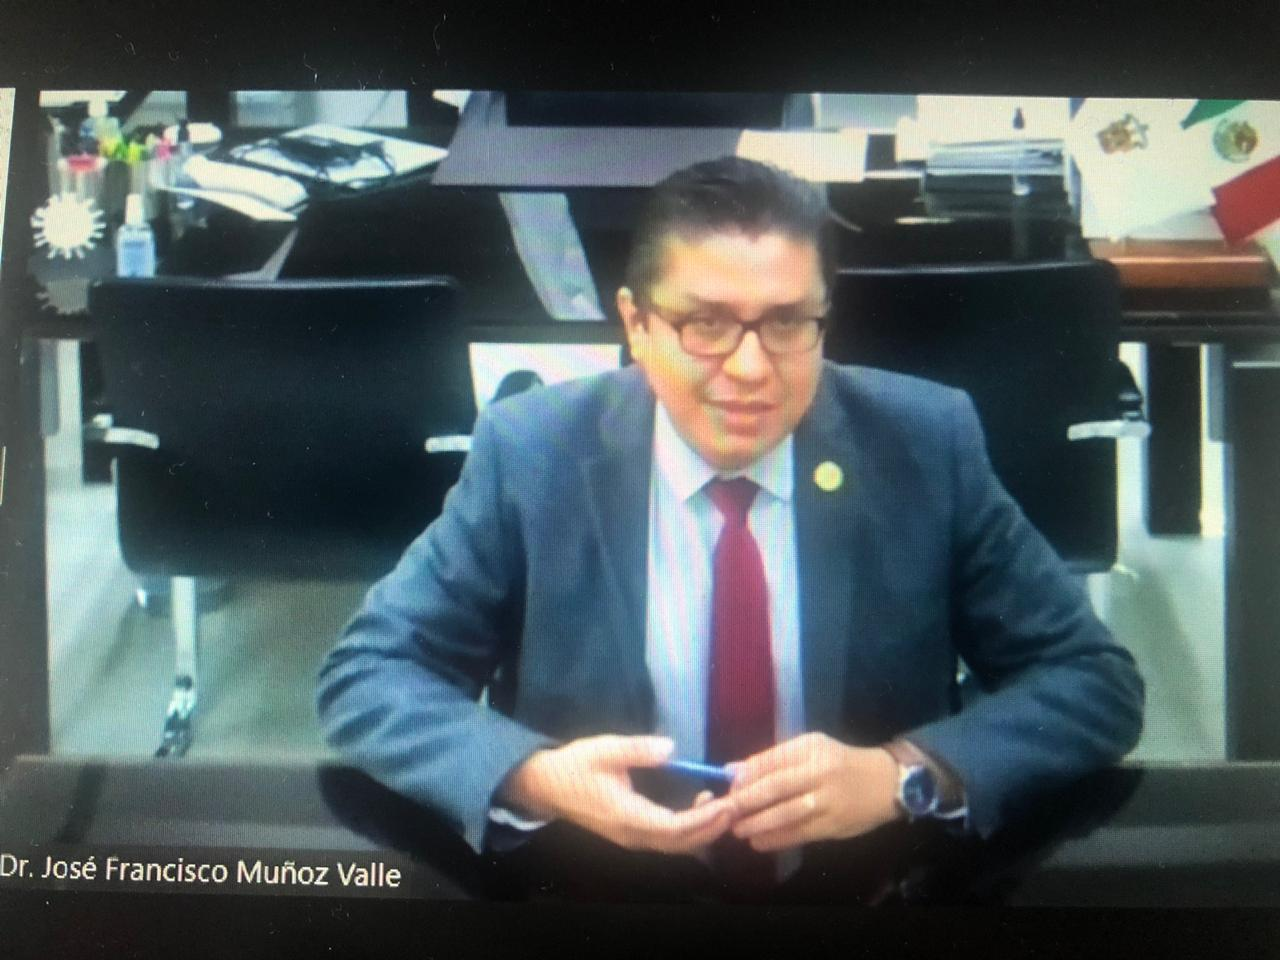 Captura de pantalla del rector impartiendo conferencia